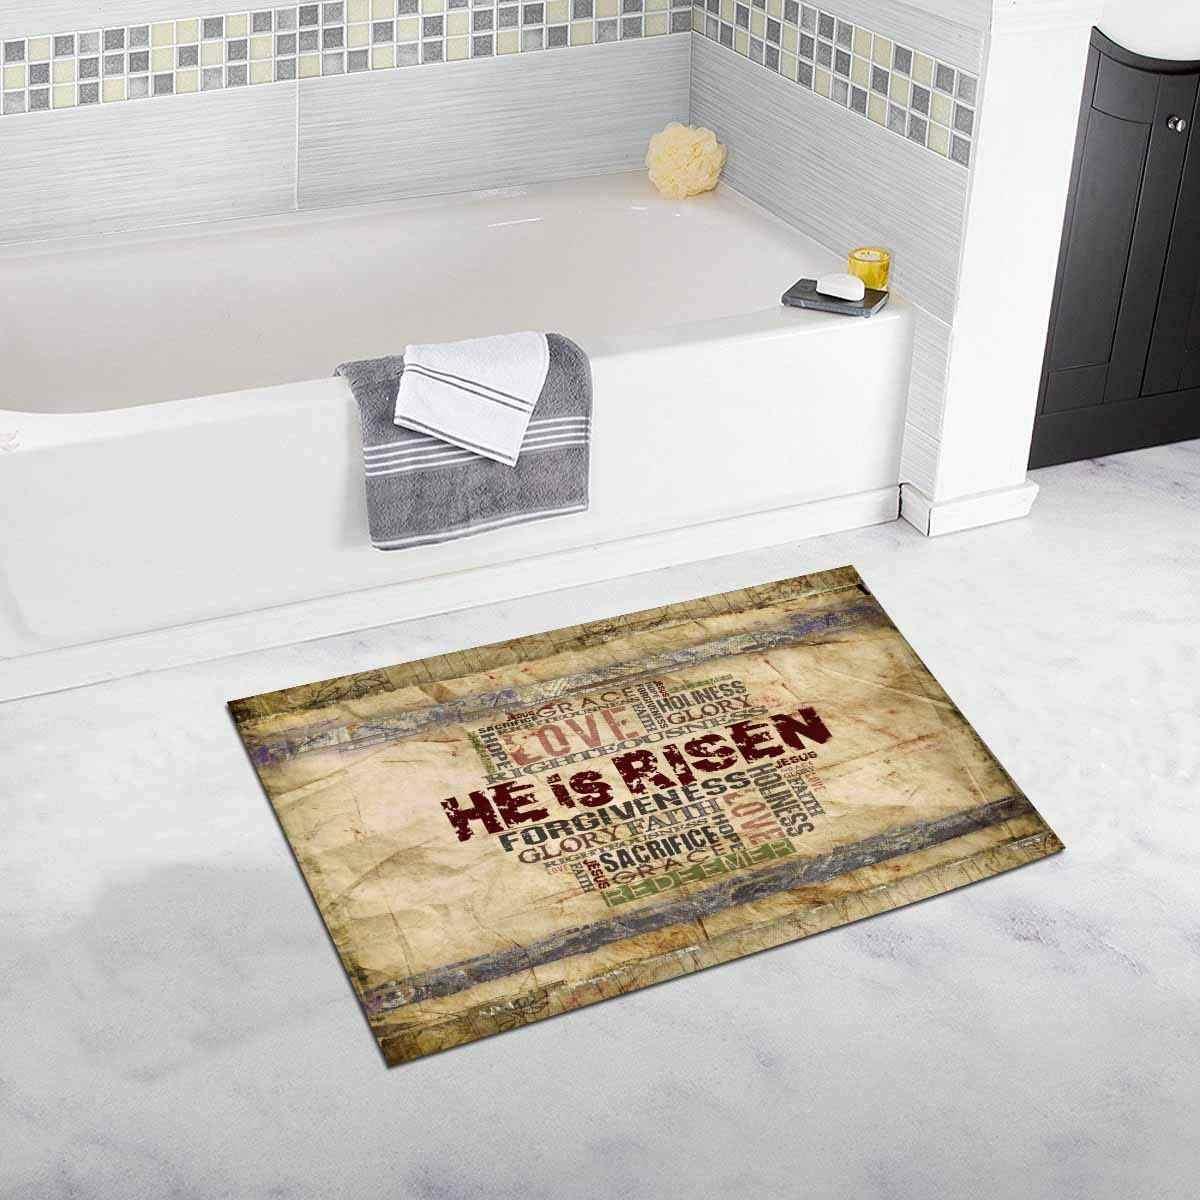 Floor Mats Easter He Is Risen With Religious Bible Verse Kitchen Rug For Indoor Bathroom Bedroom Living Room Doormat Home Decor